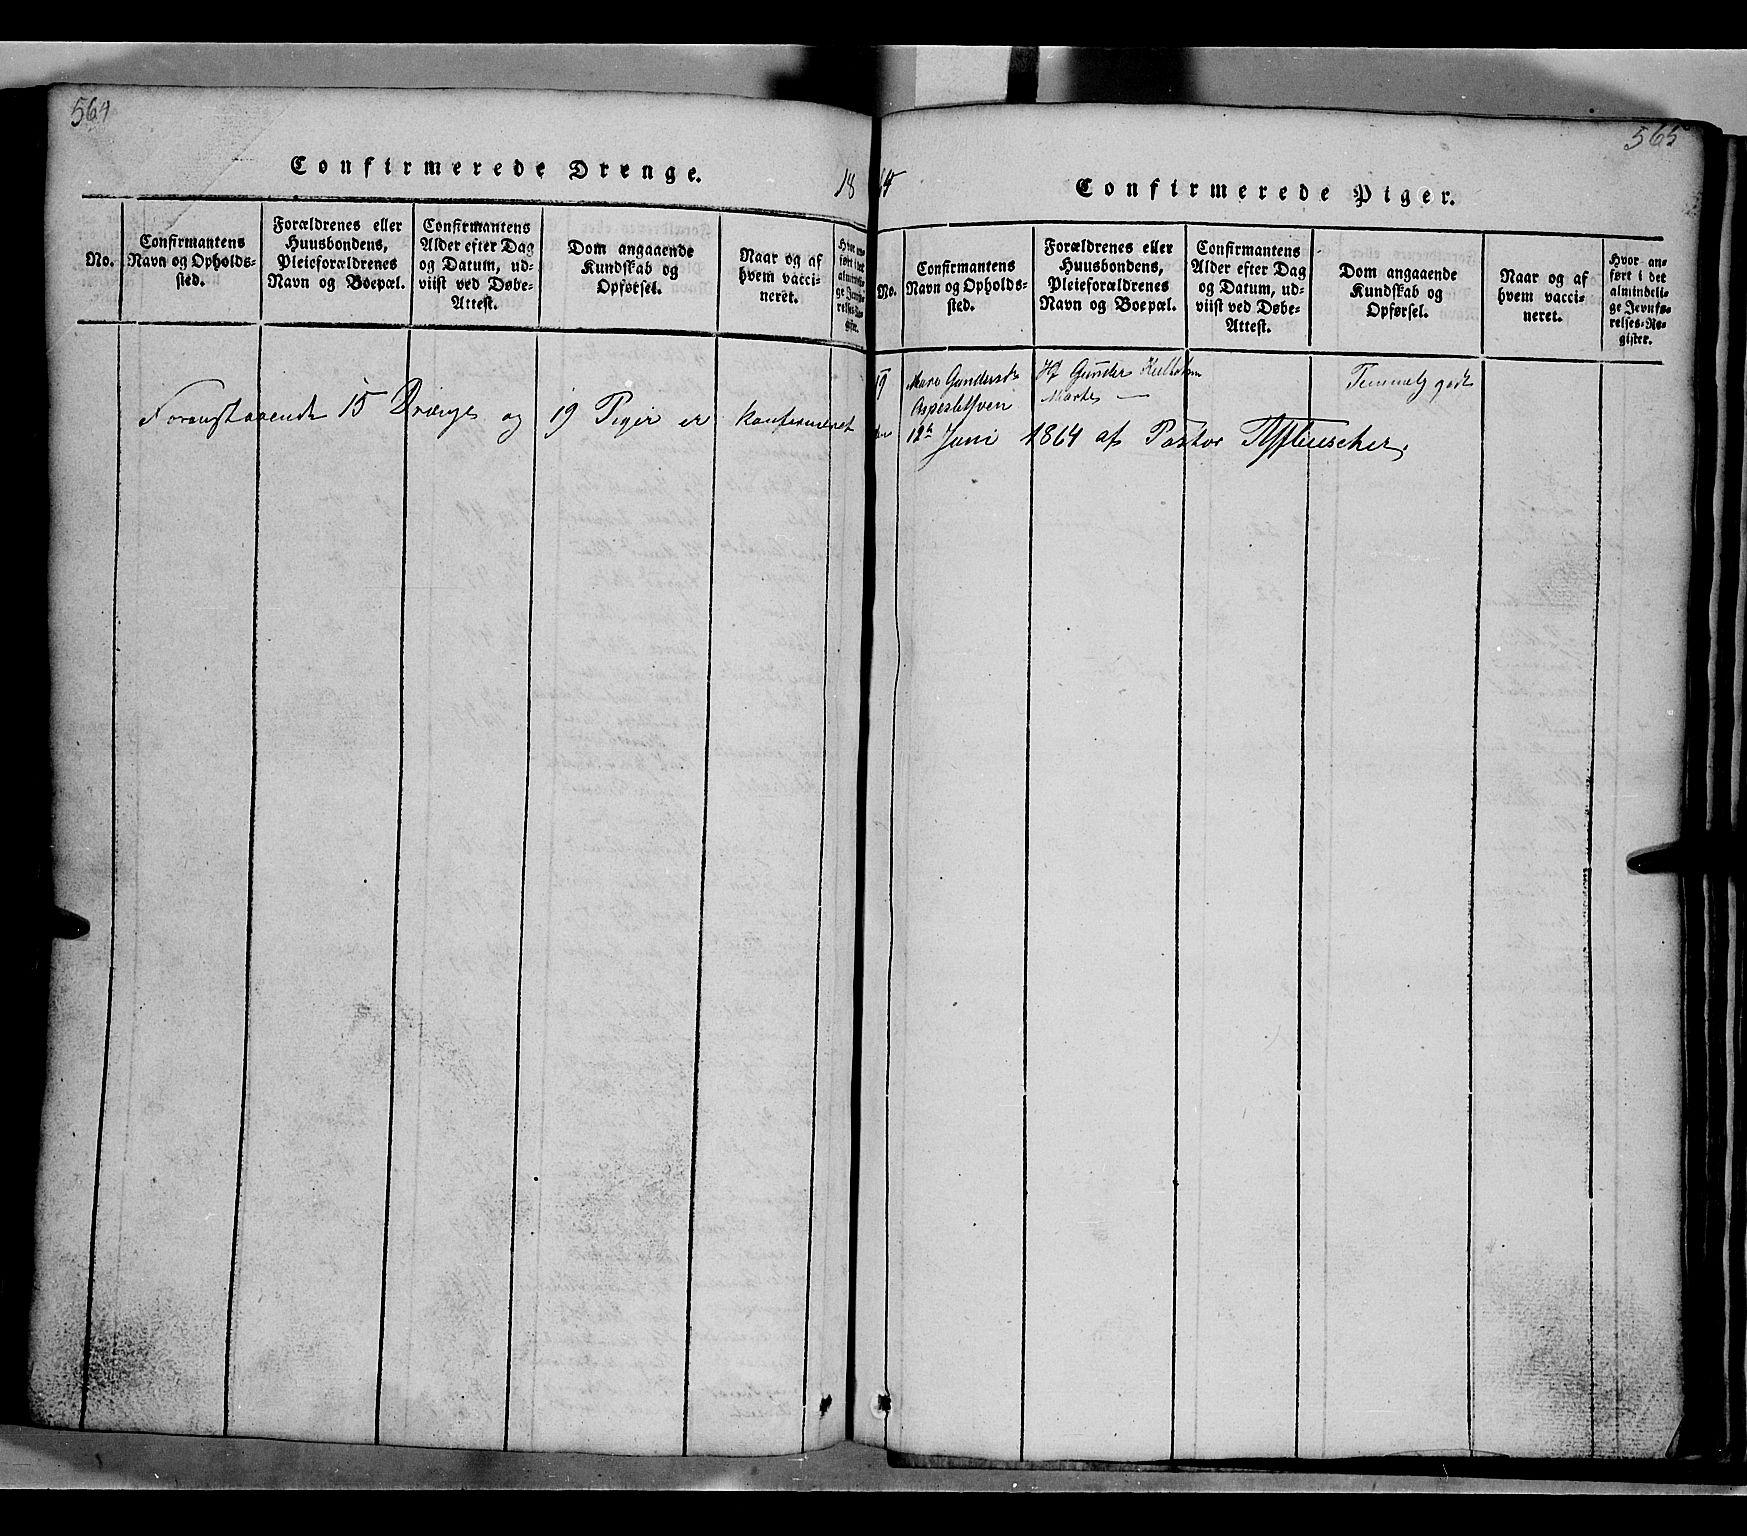 SAH, Gausdal prestekontor, Klokkerbok nr. 2, 1818-1874, s. 564-565